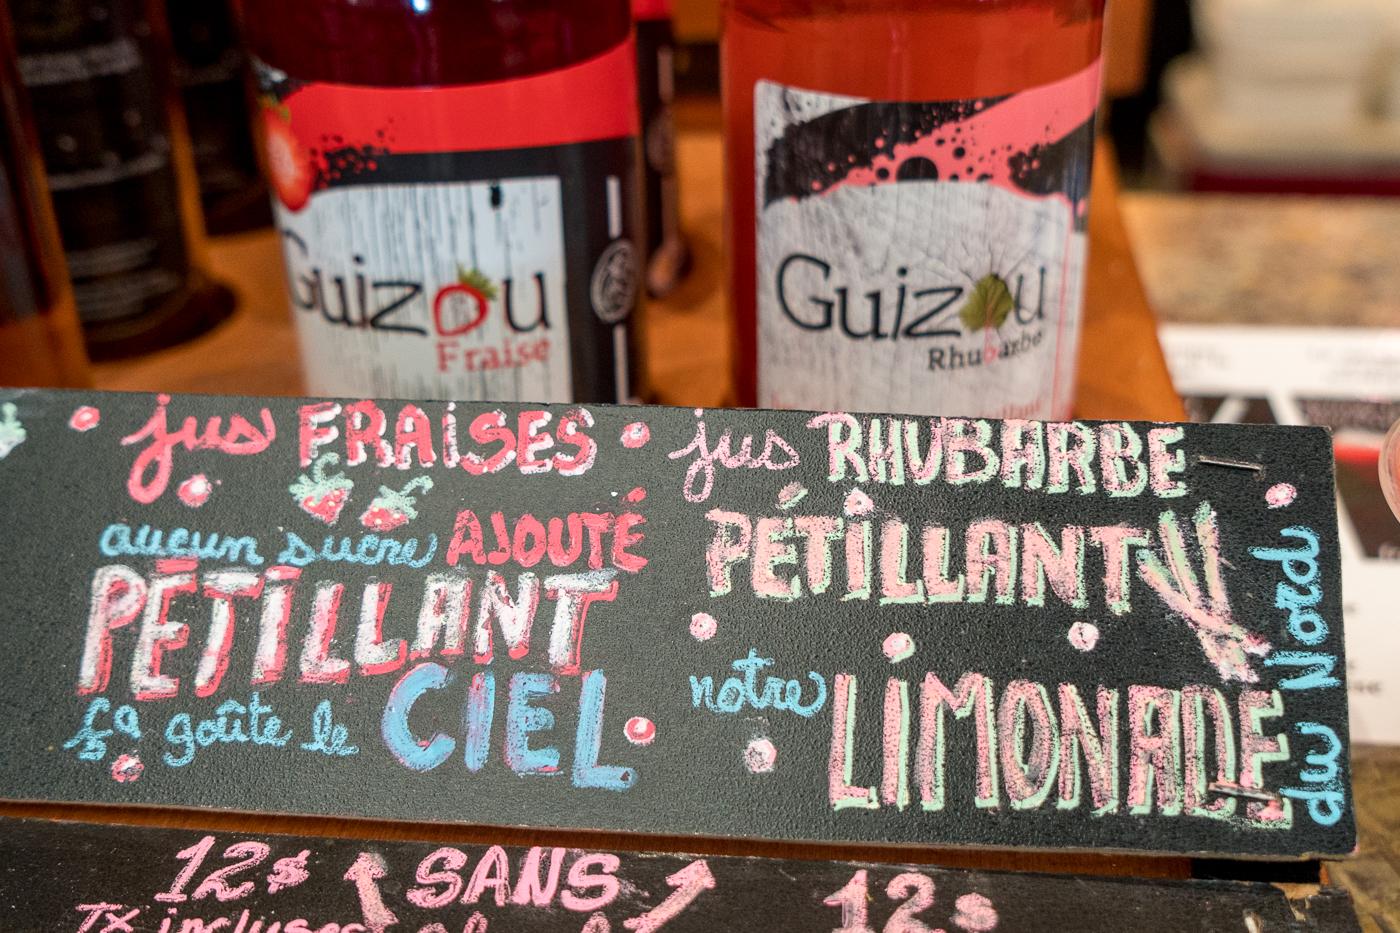 Boissons Guizou foire gourmande Abitibi-Témiscamingue